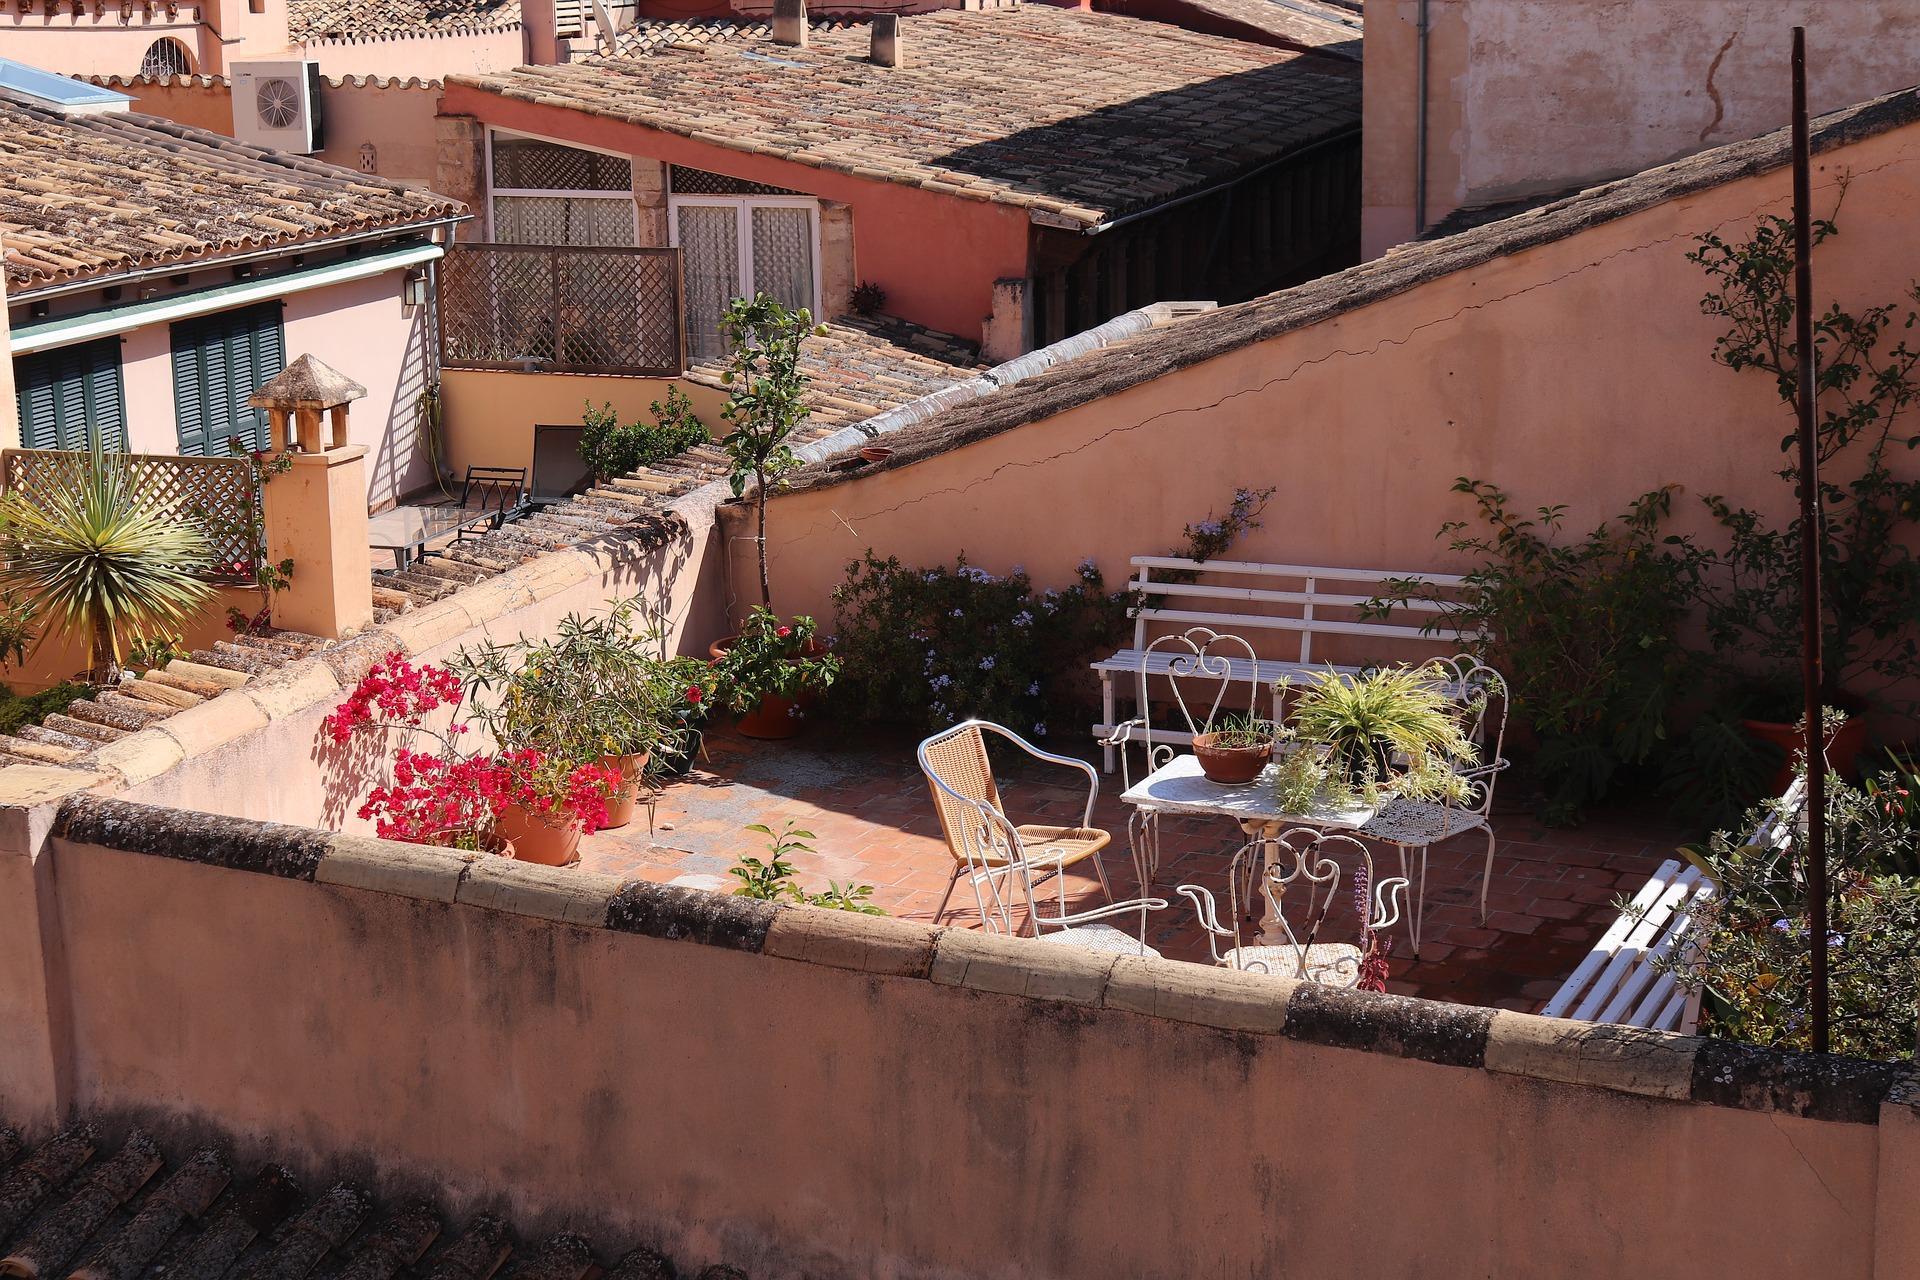 Terraza de un edificio con mesa sillas y flores